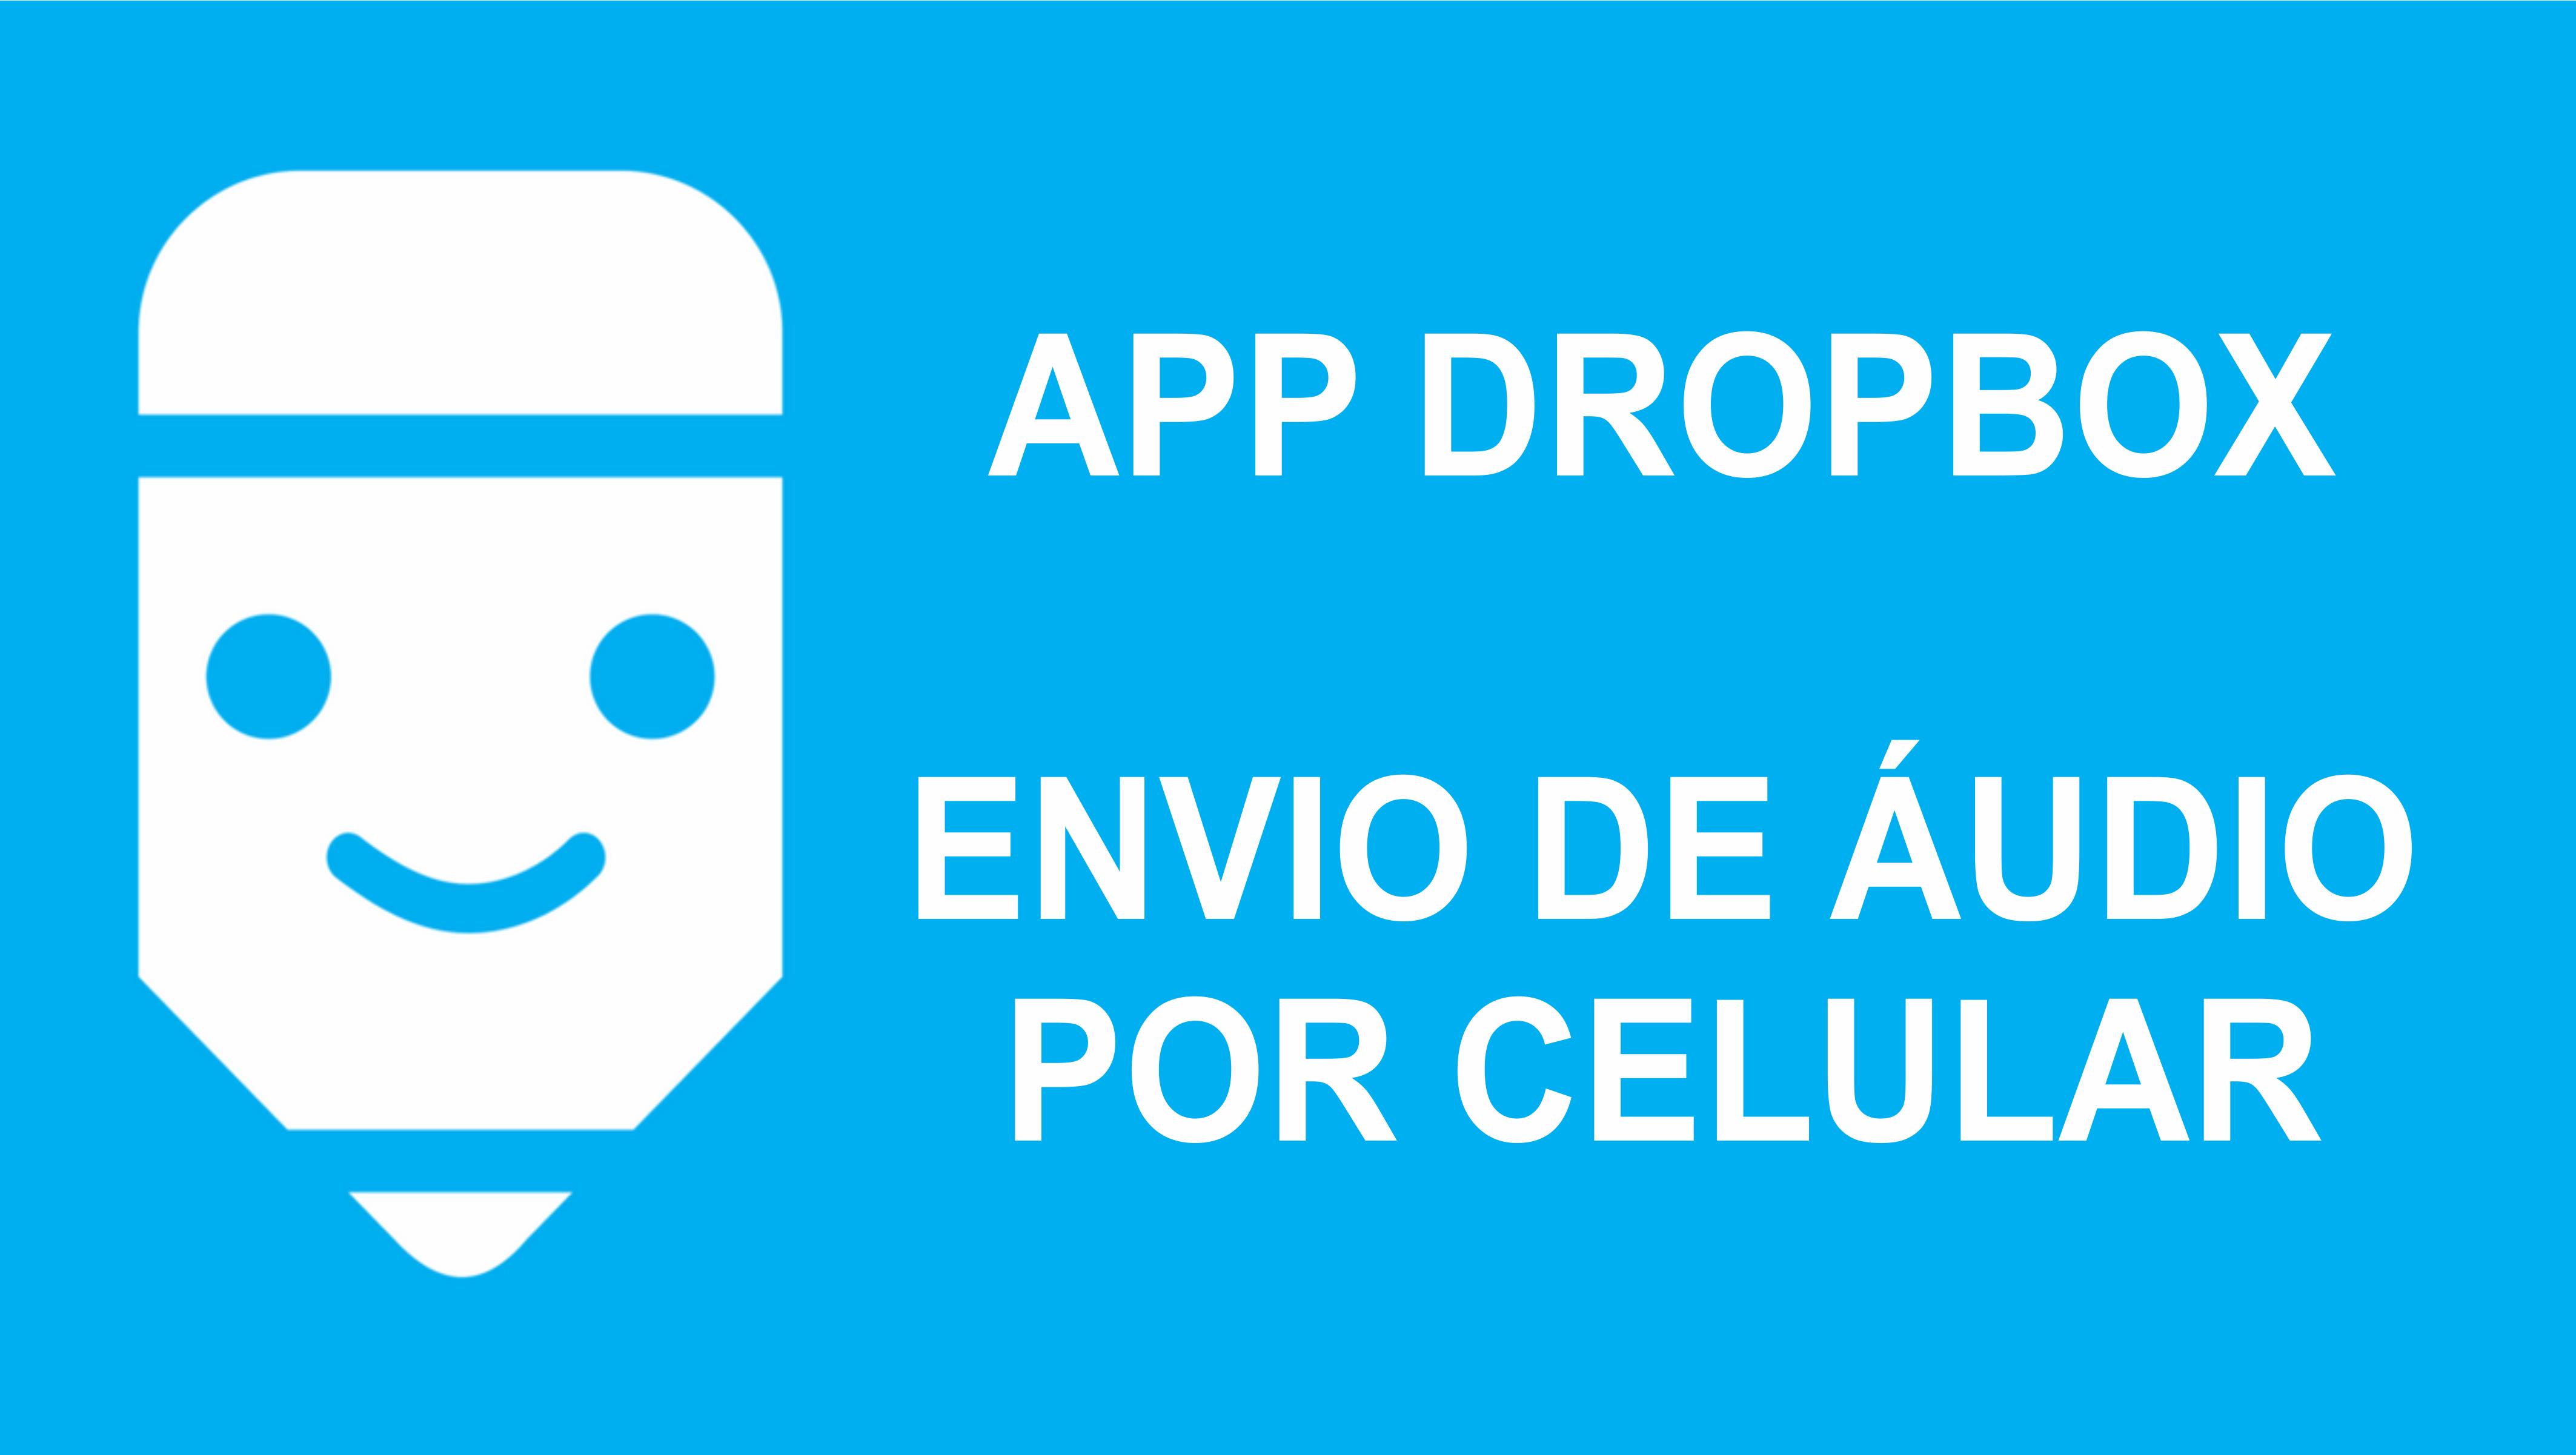 APP Dropbox para enviar entrevista para transcrever, grandes arquivos, chamada para post.